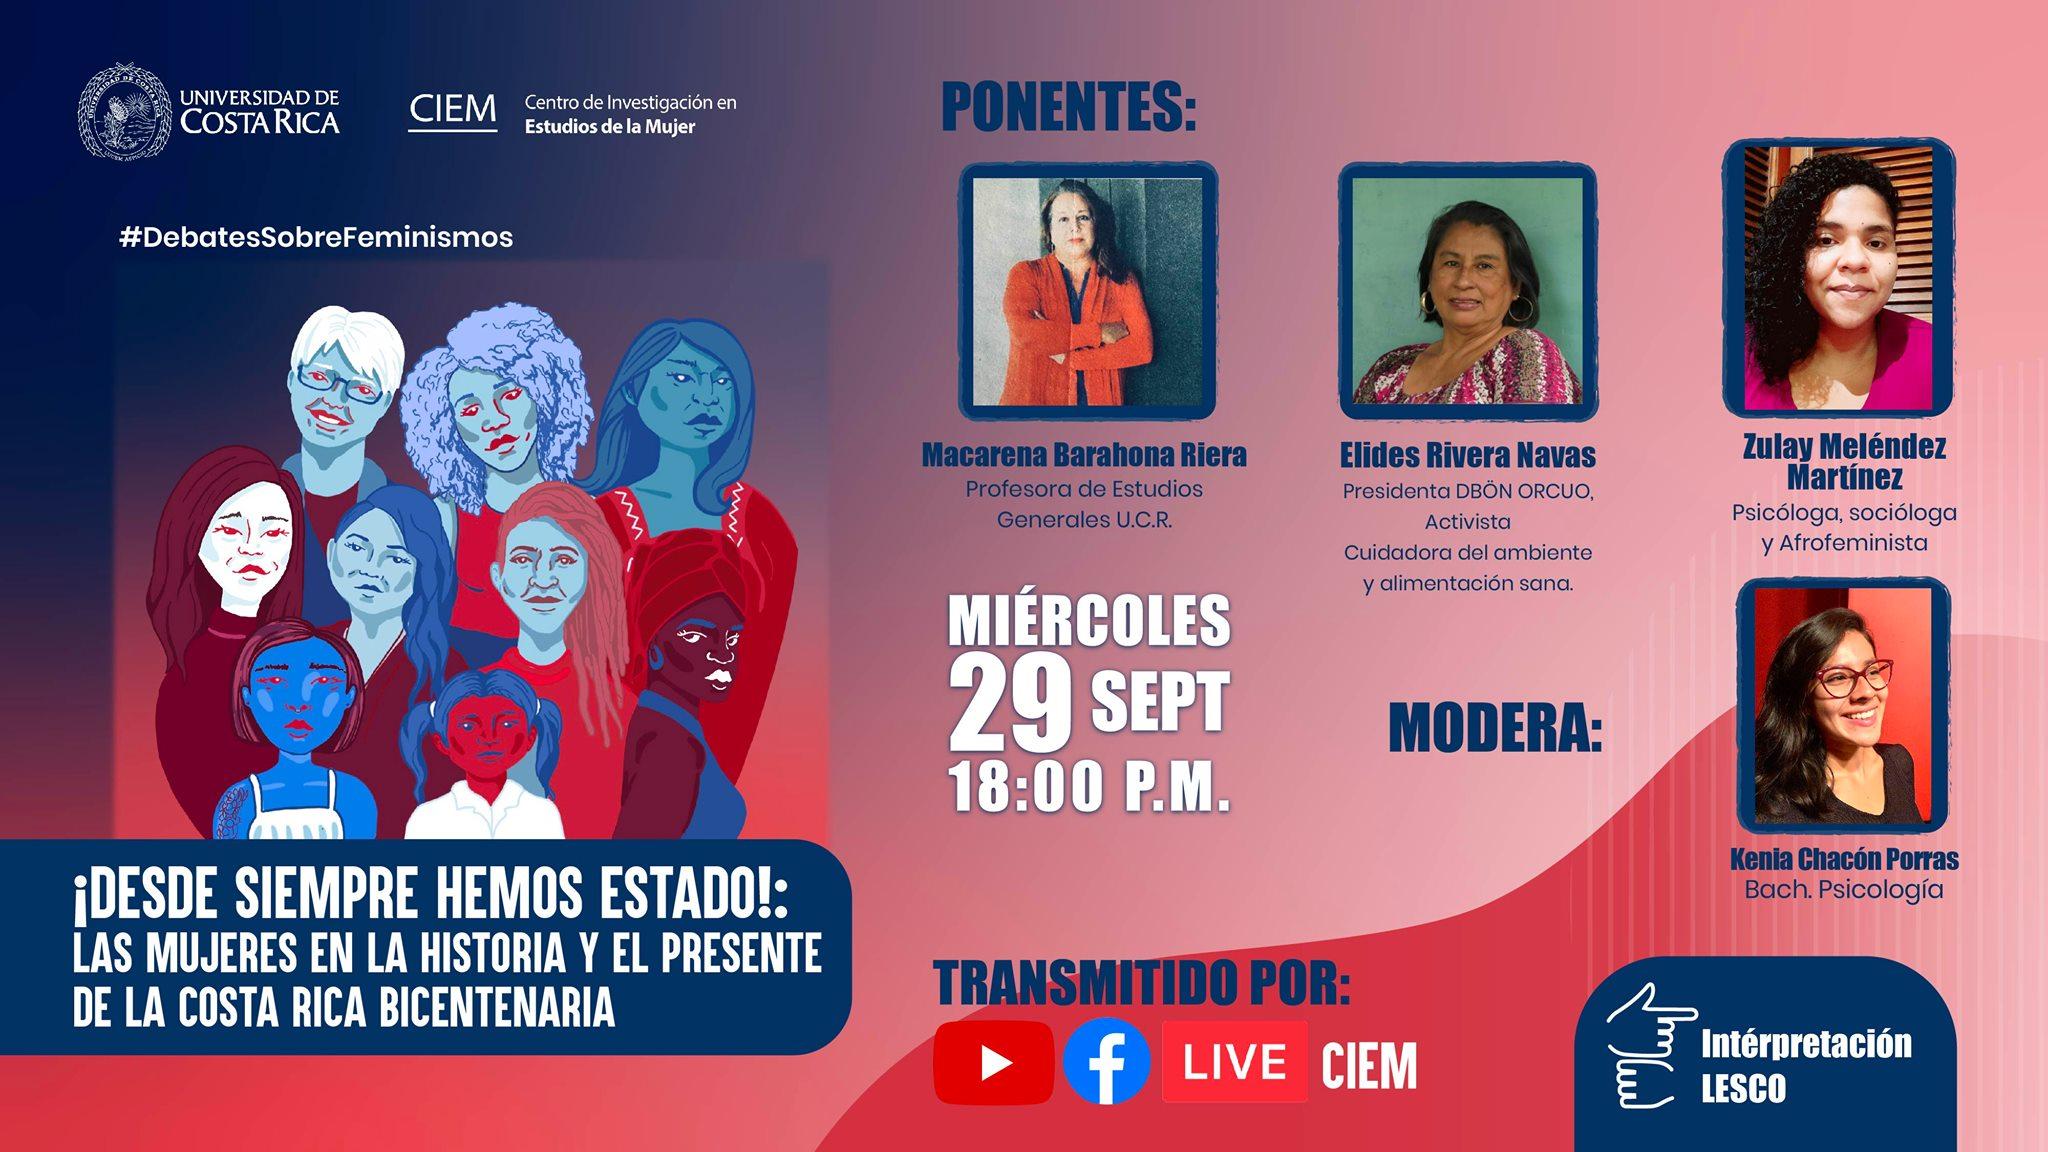 ¡Desde siempre hemos estado!: Las mujeres en la historia y el presente de la Costa Rica Bicentenaria